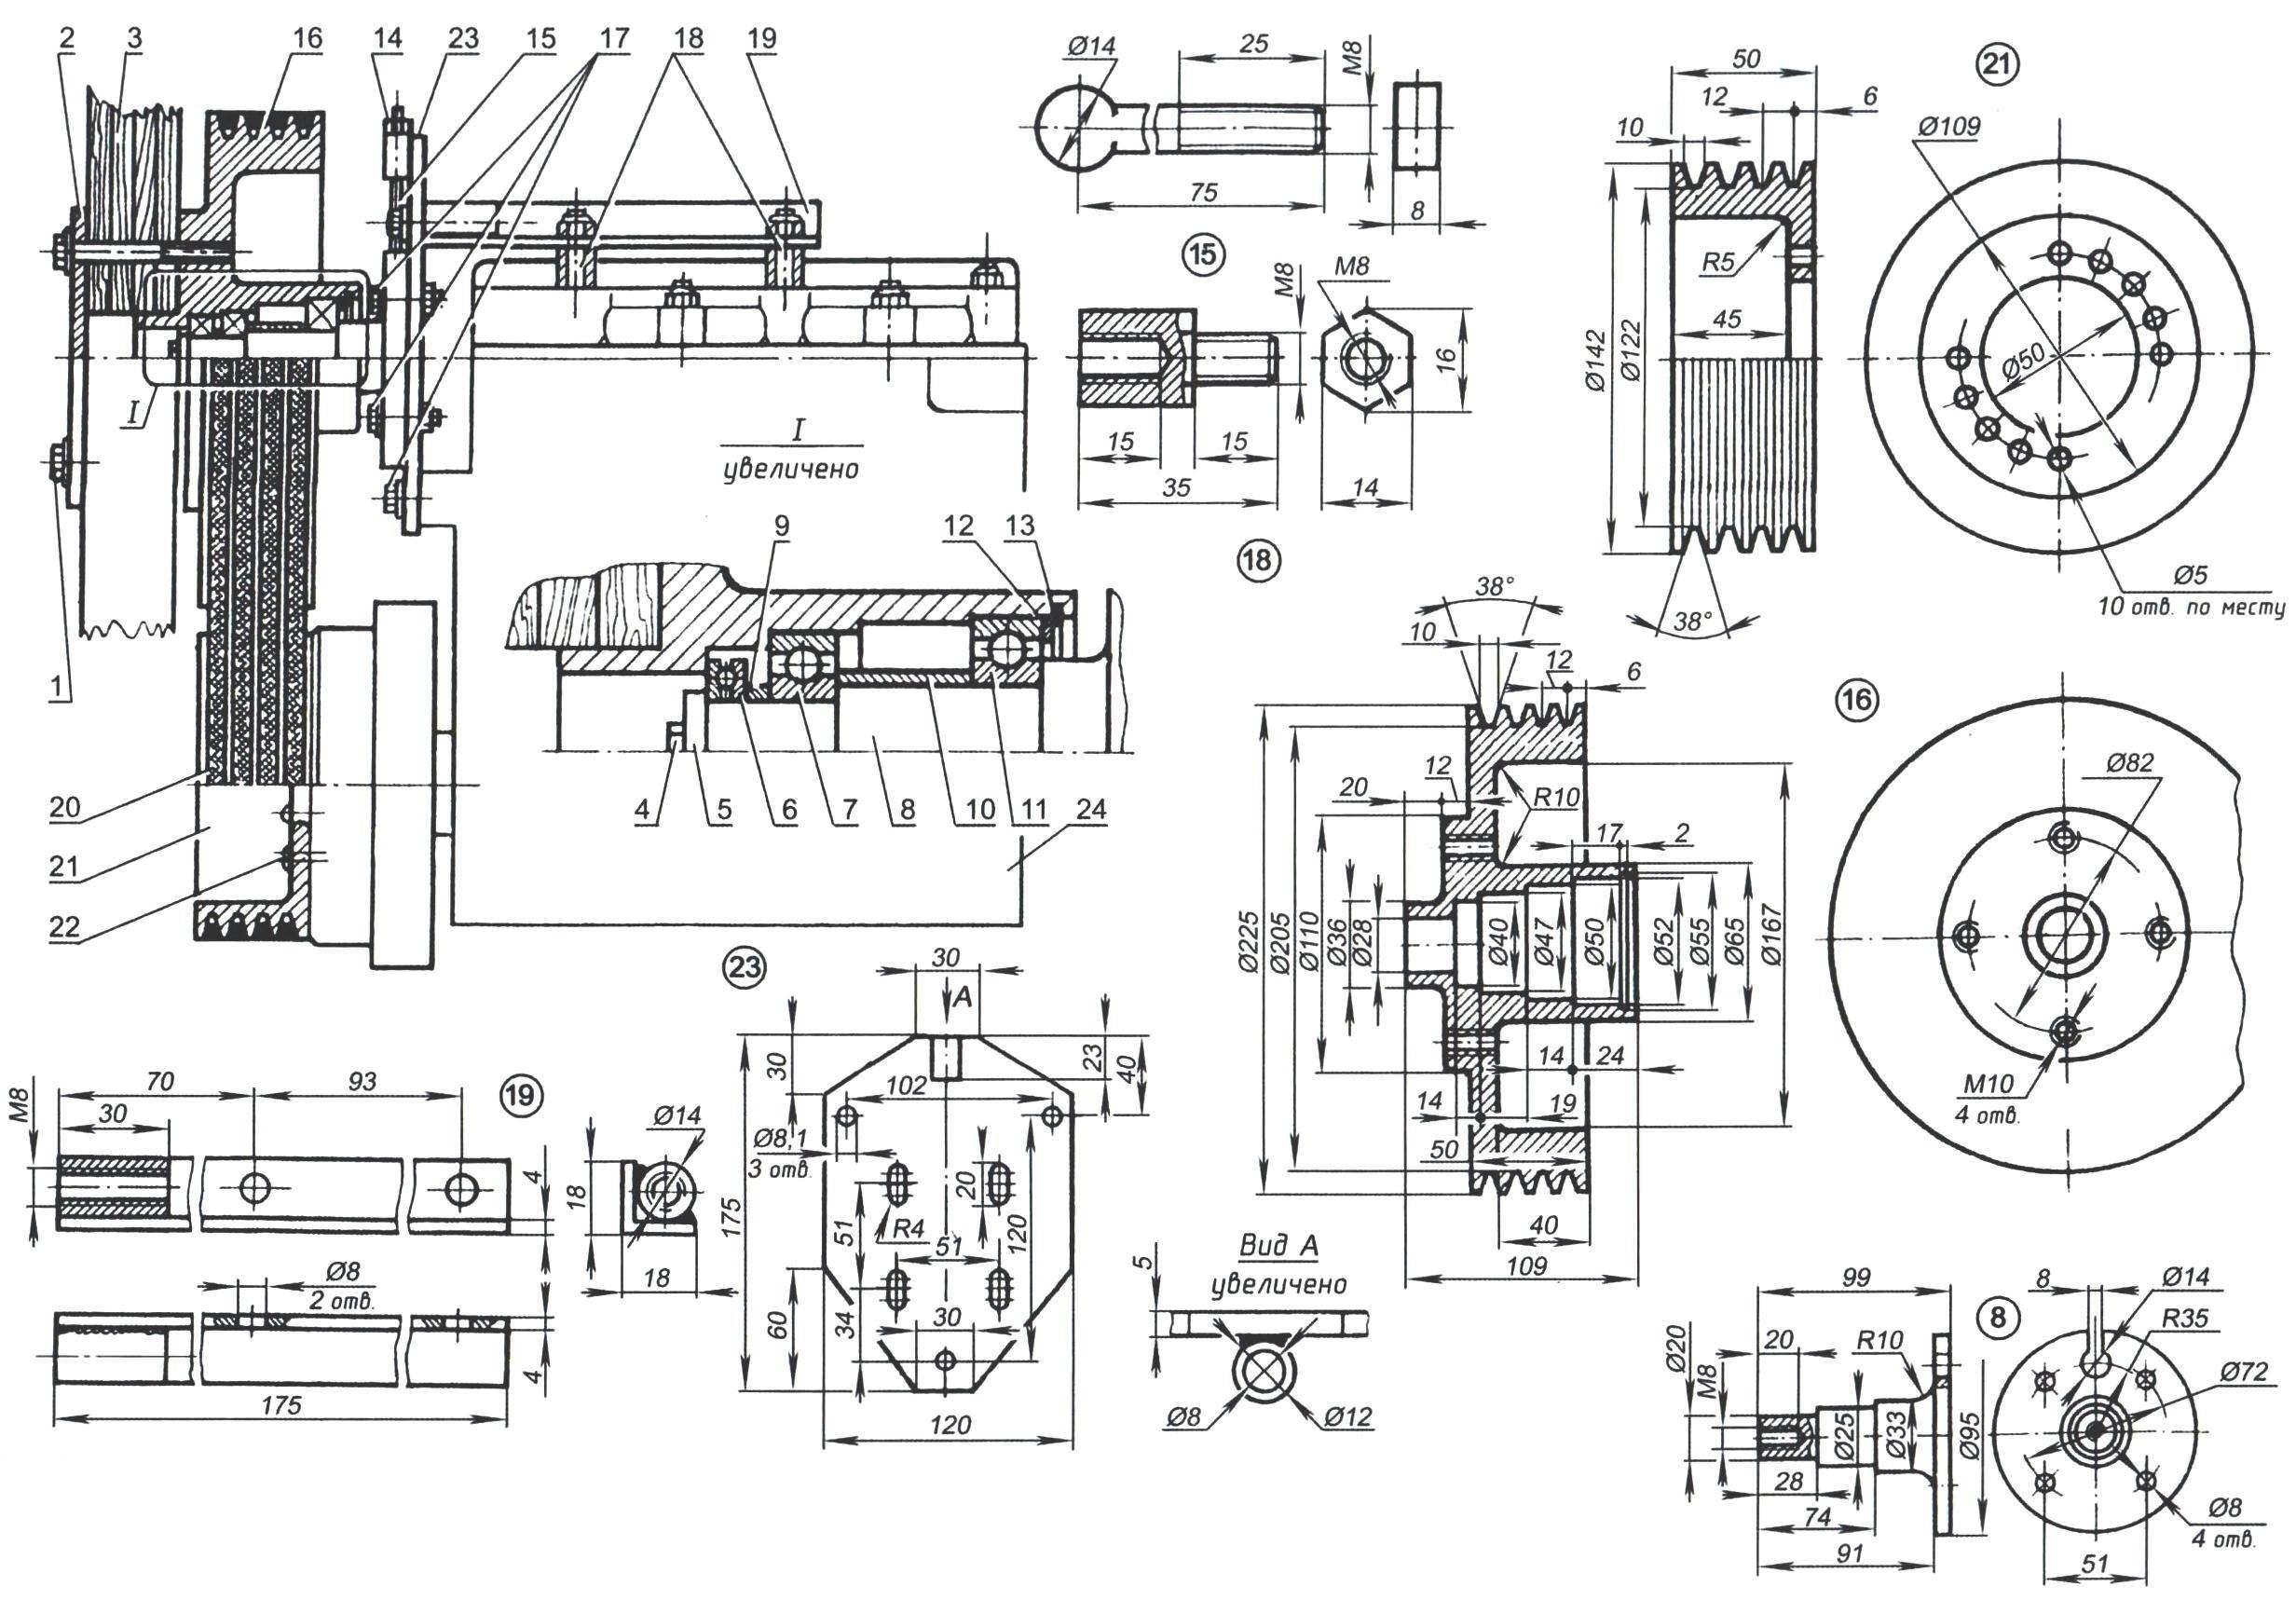 Рис. 7. Клиноремённый редуктор силовой установки